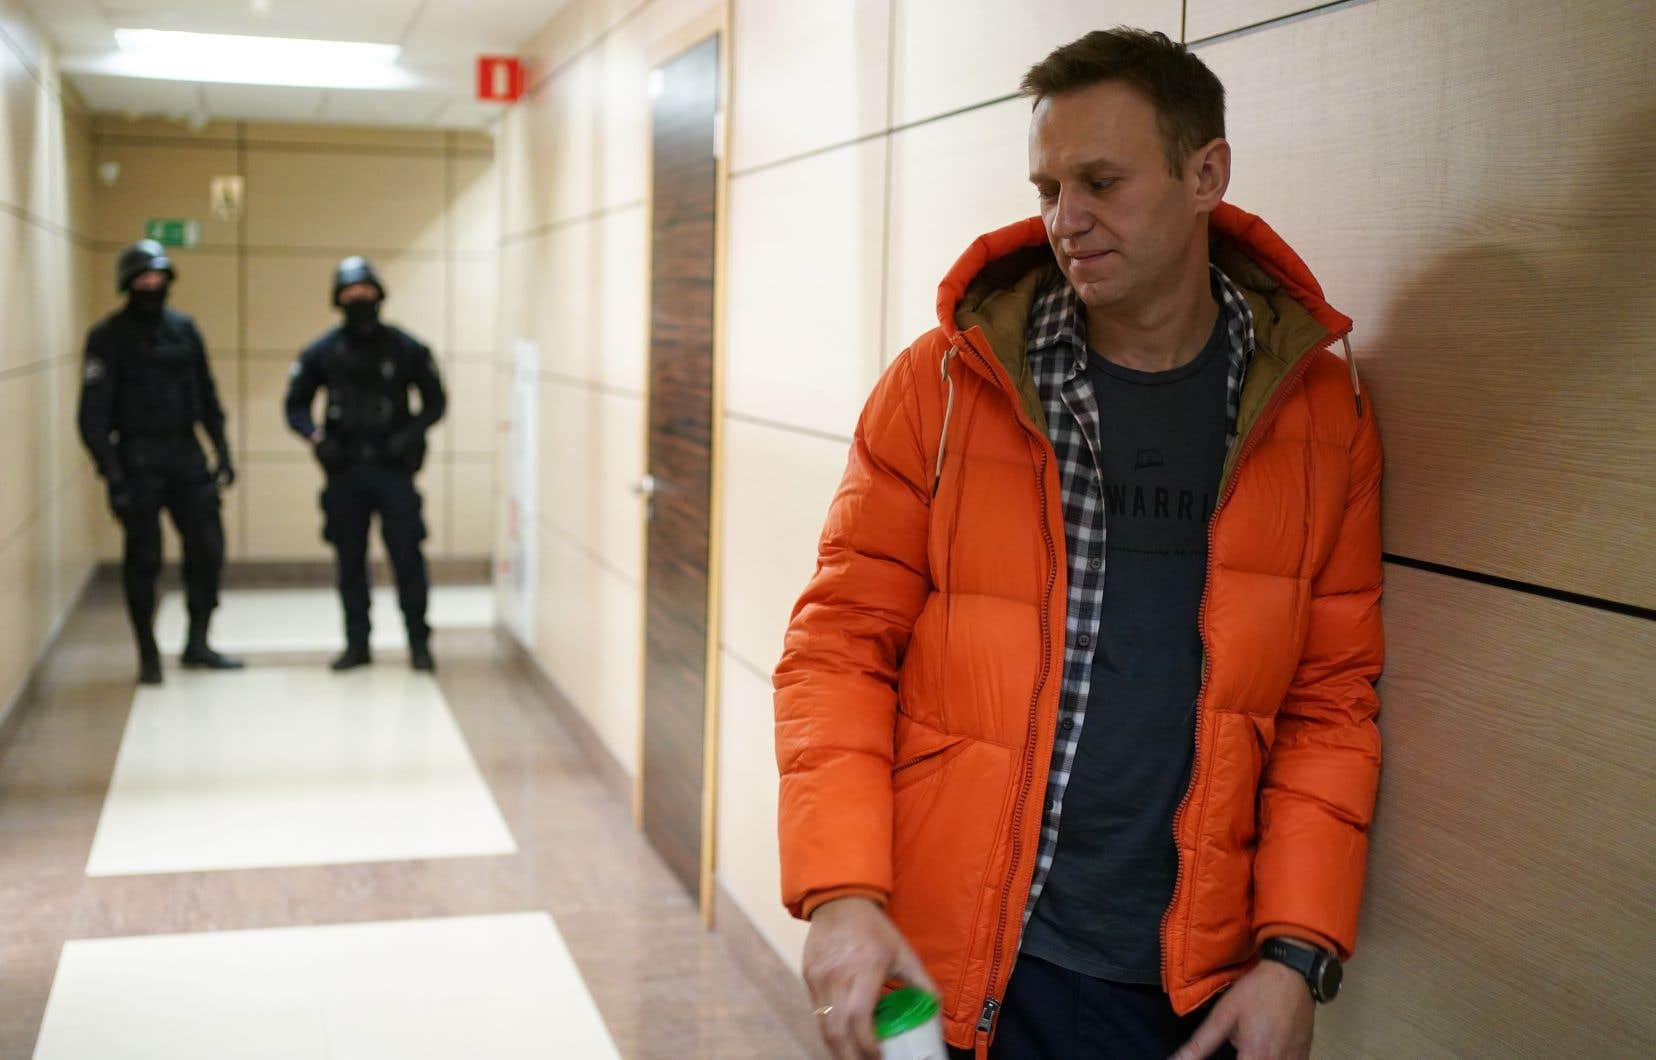 Charismatique blogueur et avocat de 43ans, M.Navalny a été «traîné» par la police, selon ses mots, hors des bureaux moscovites du Fonds de lutte contre la corruptionà la mi-journée.